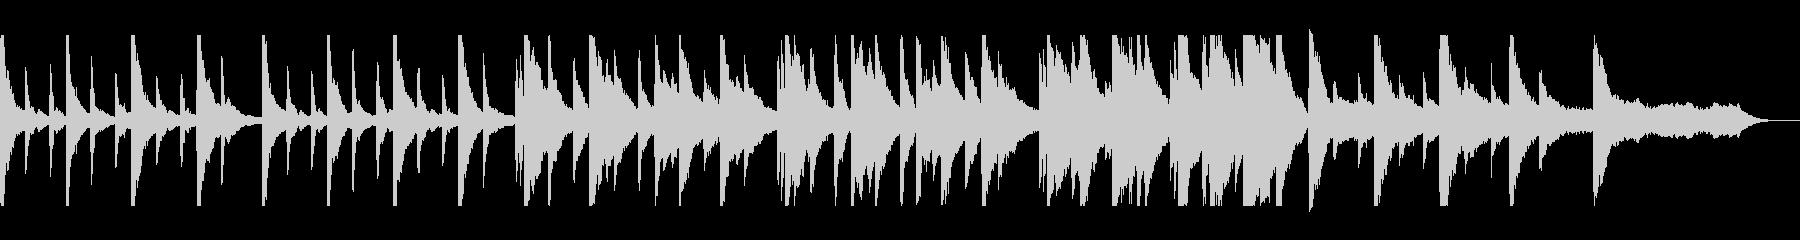 切ないピアノバラードの未再生の波形